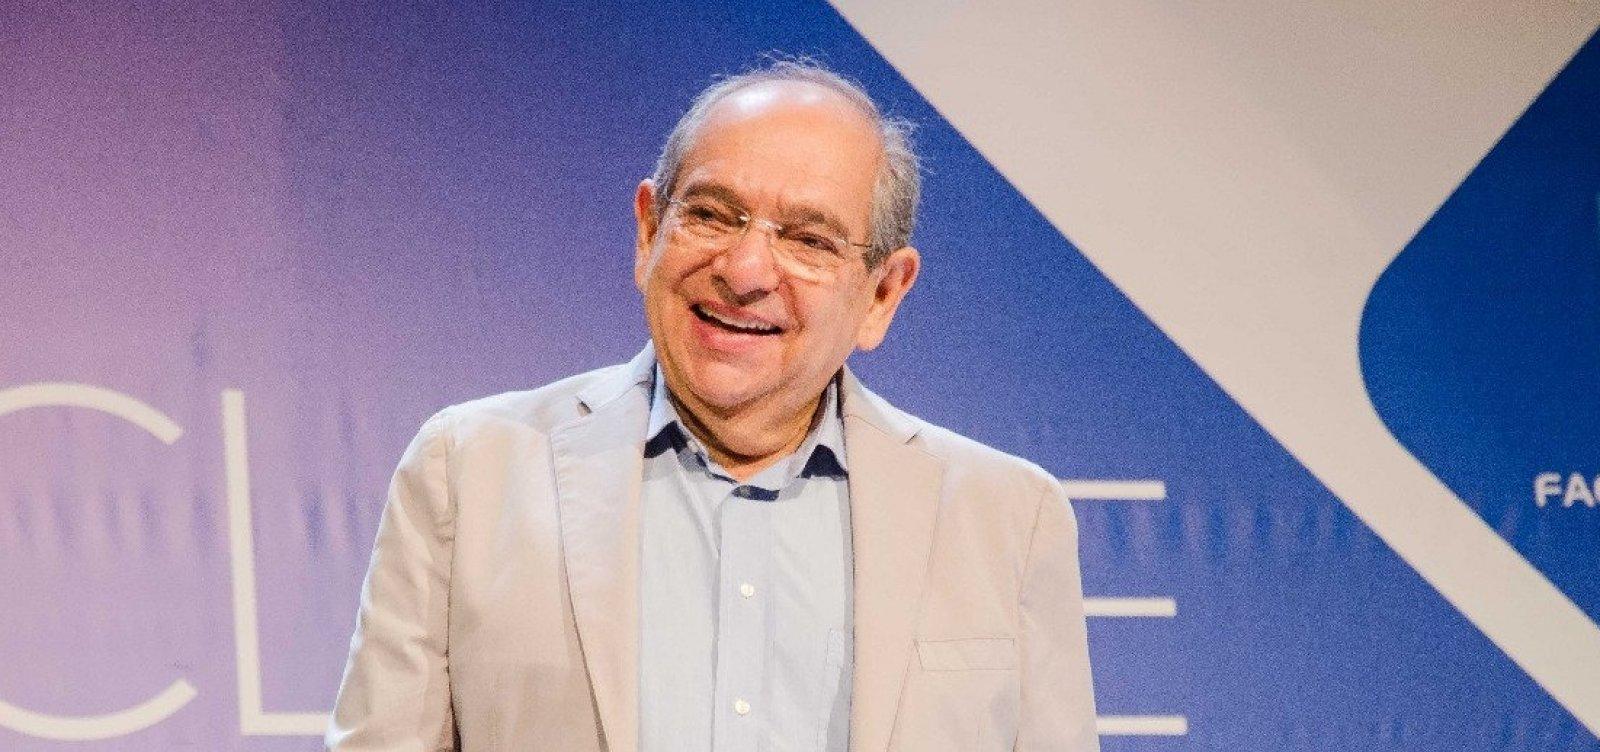 Mário Kertész participa de evento sobre envelhecimento saudável; saiba mais